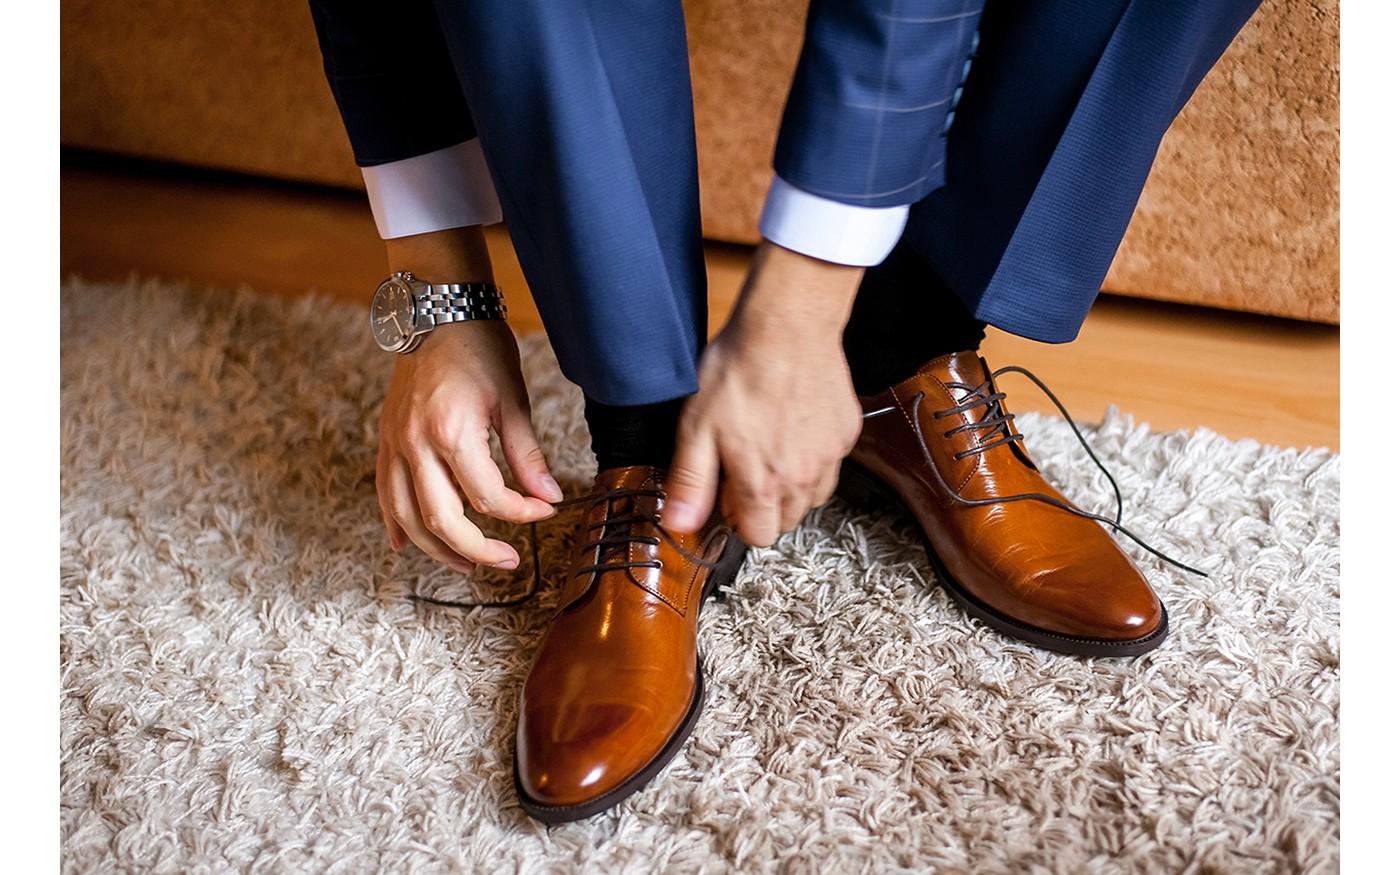 Geschäftsmann in eleganten Abendschuhen aus Leder